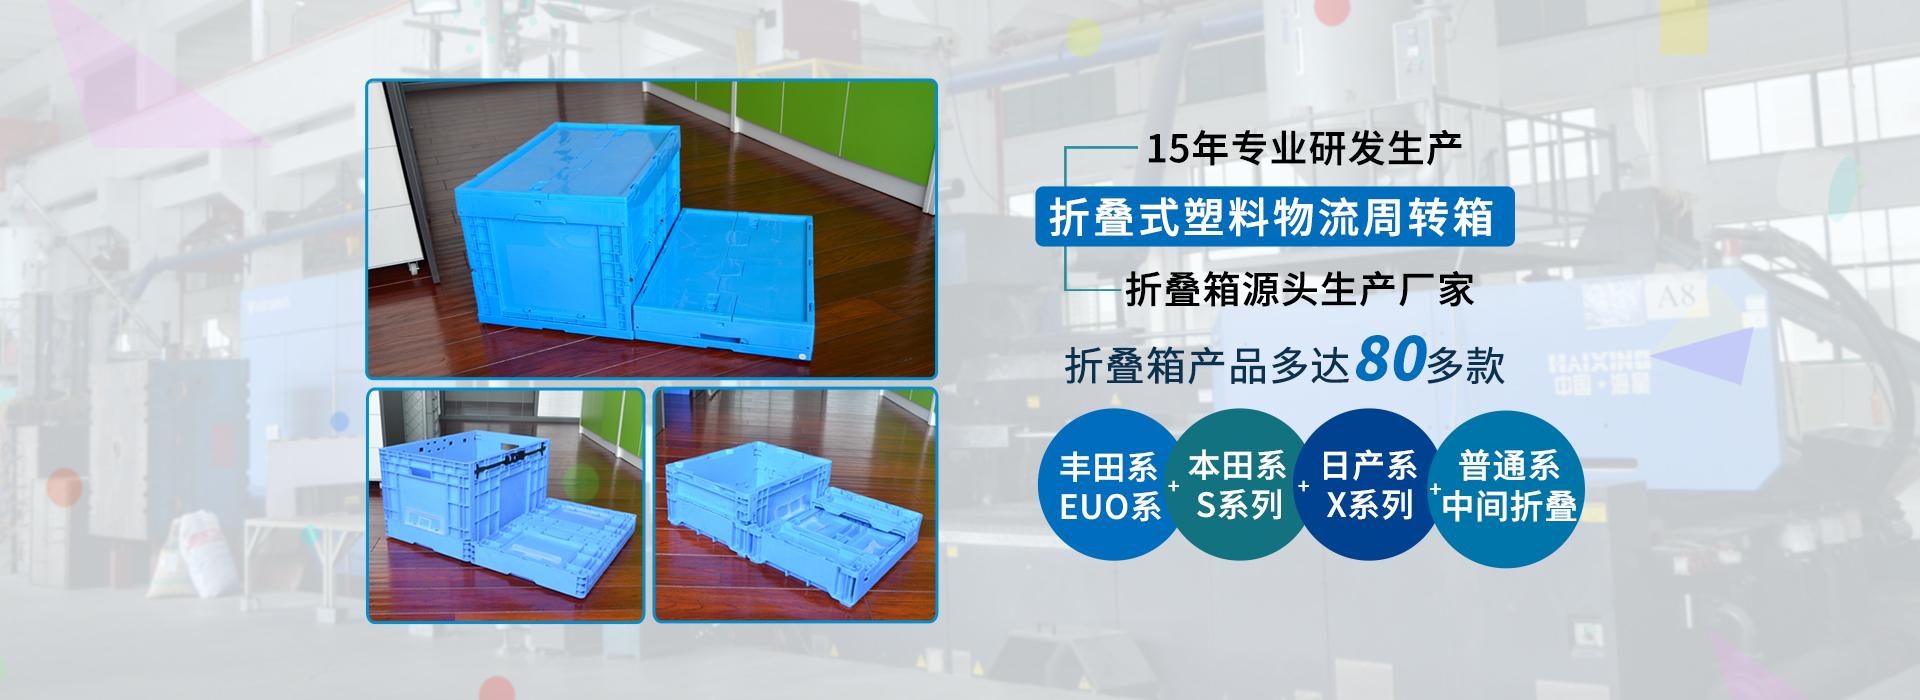 折叠箱广告海报图